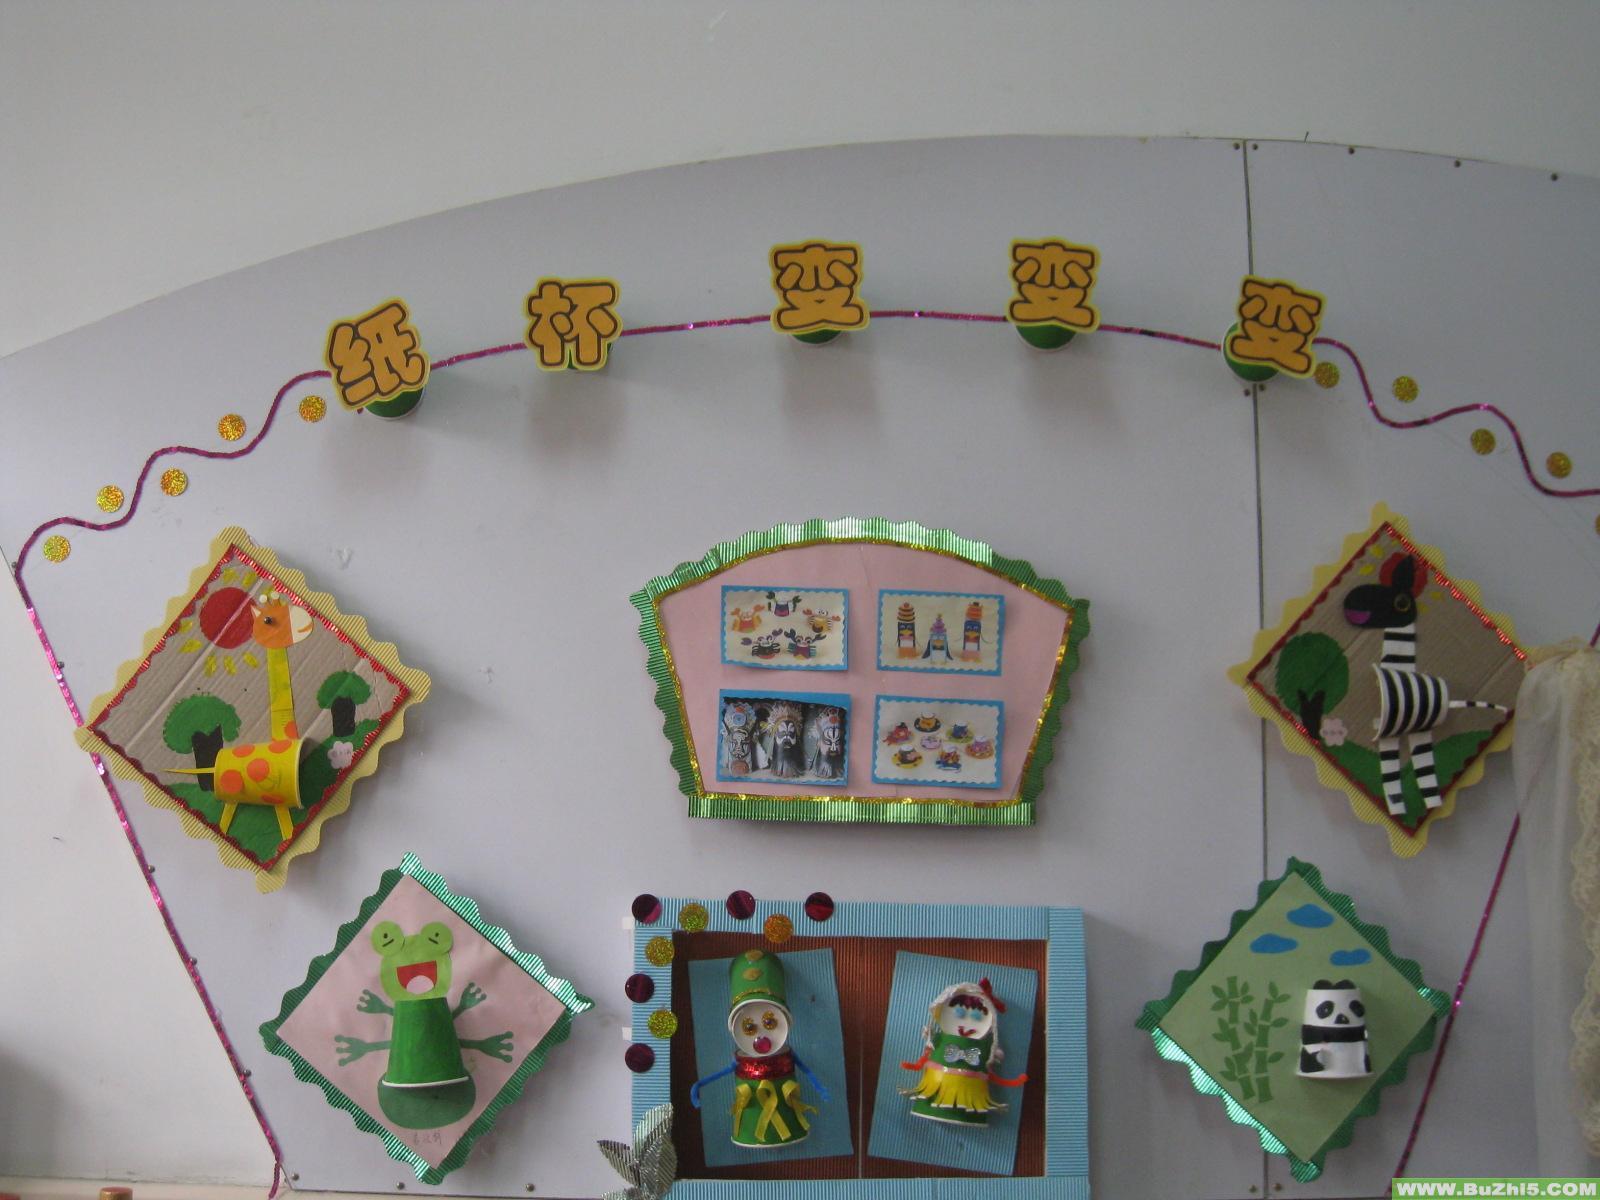 幼儿园活动室布置  上一个布置